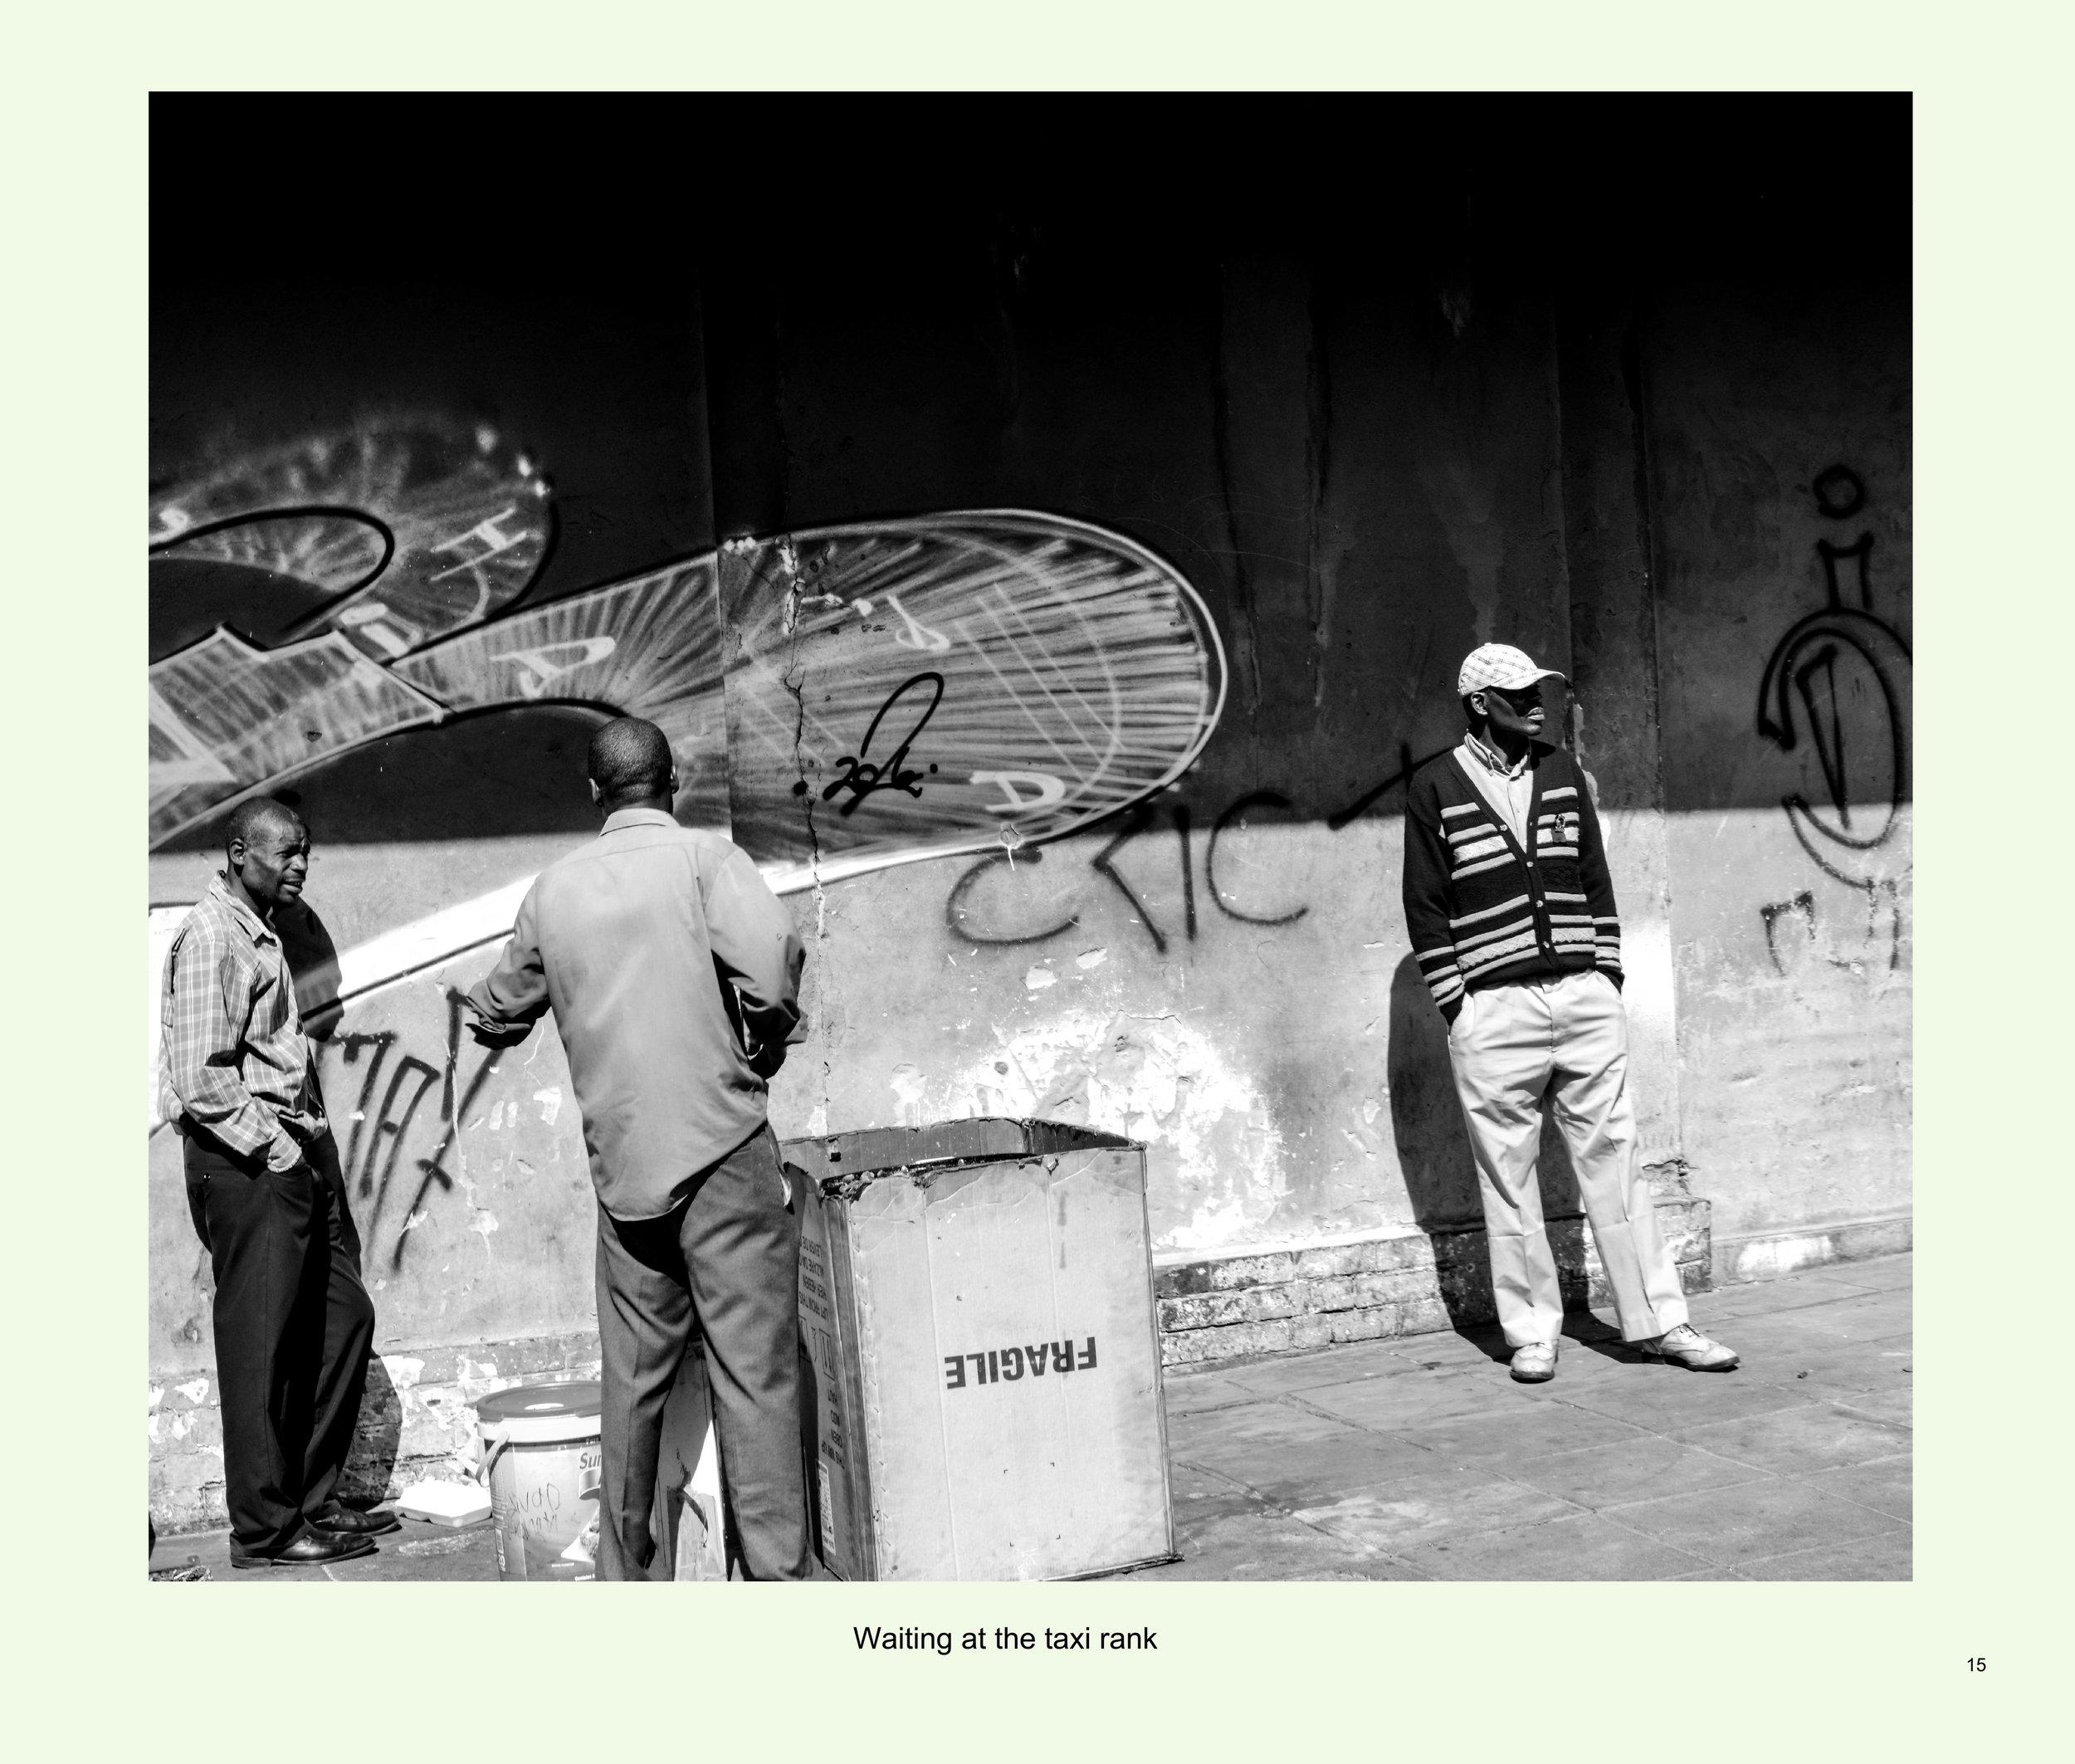 ImagesASouthernAfricaRoadTrip-17.jpg